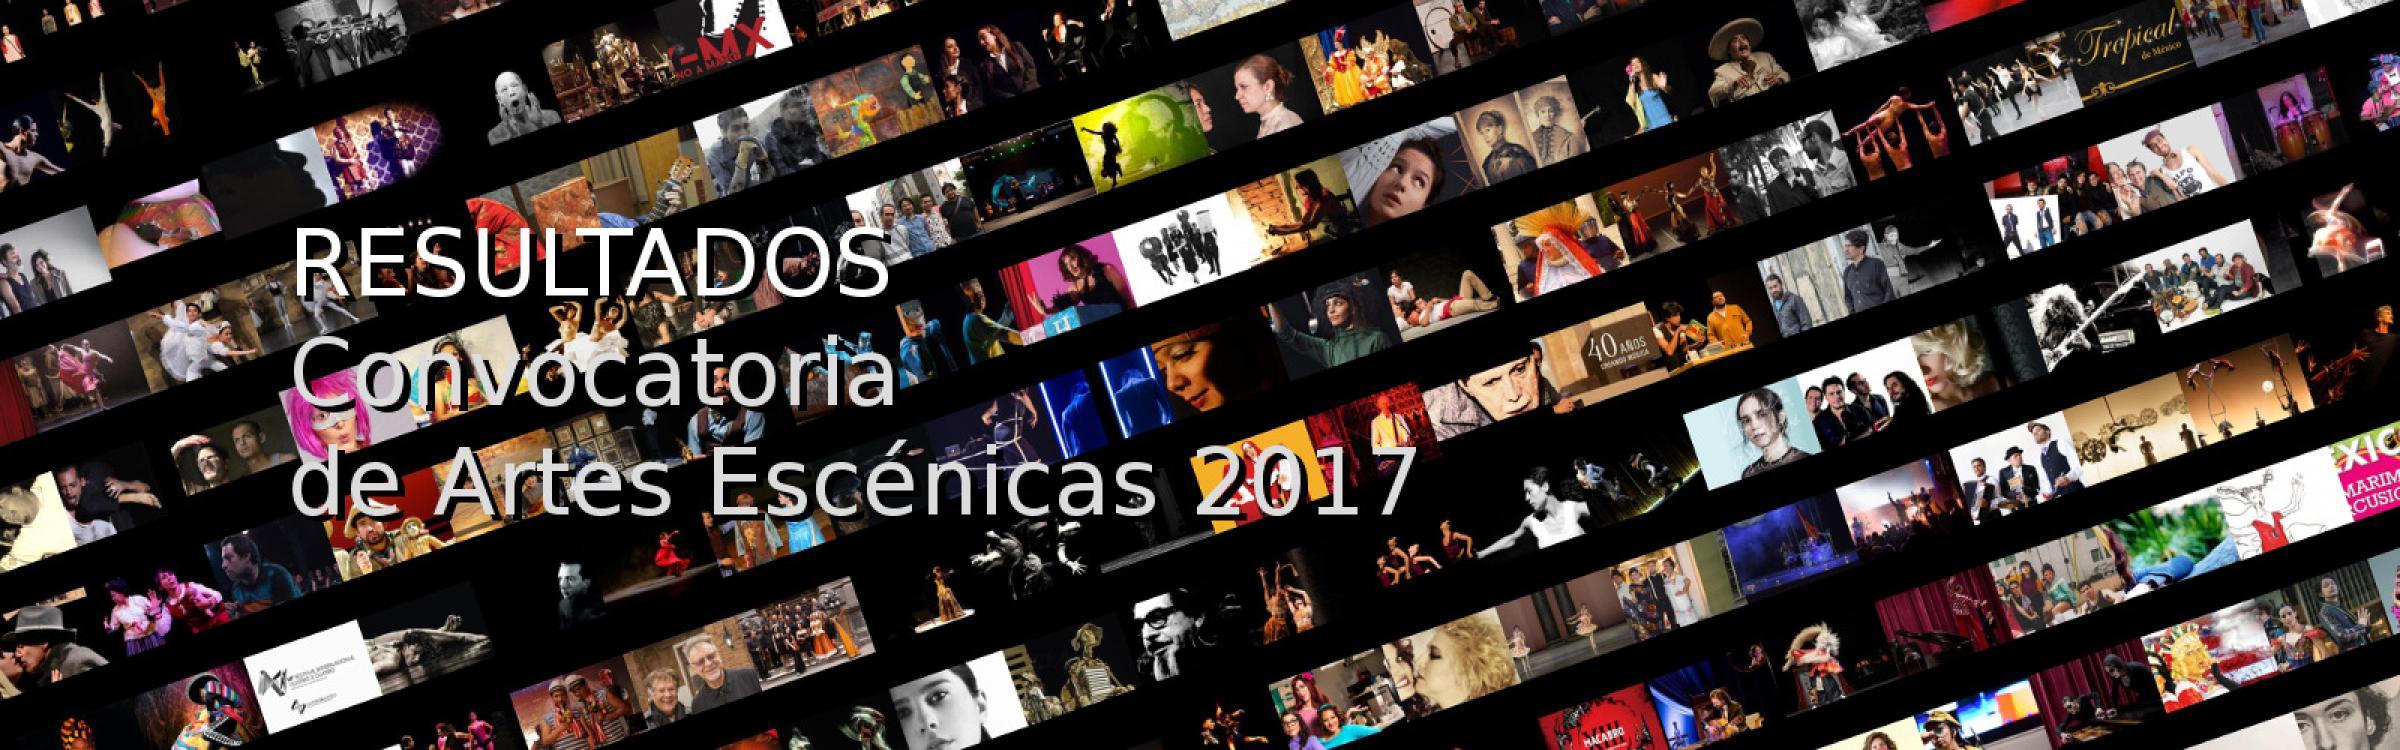 Convocatoria 2017 - Banner